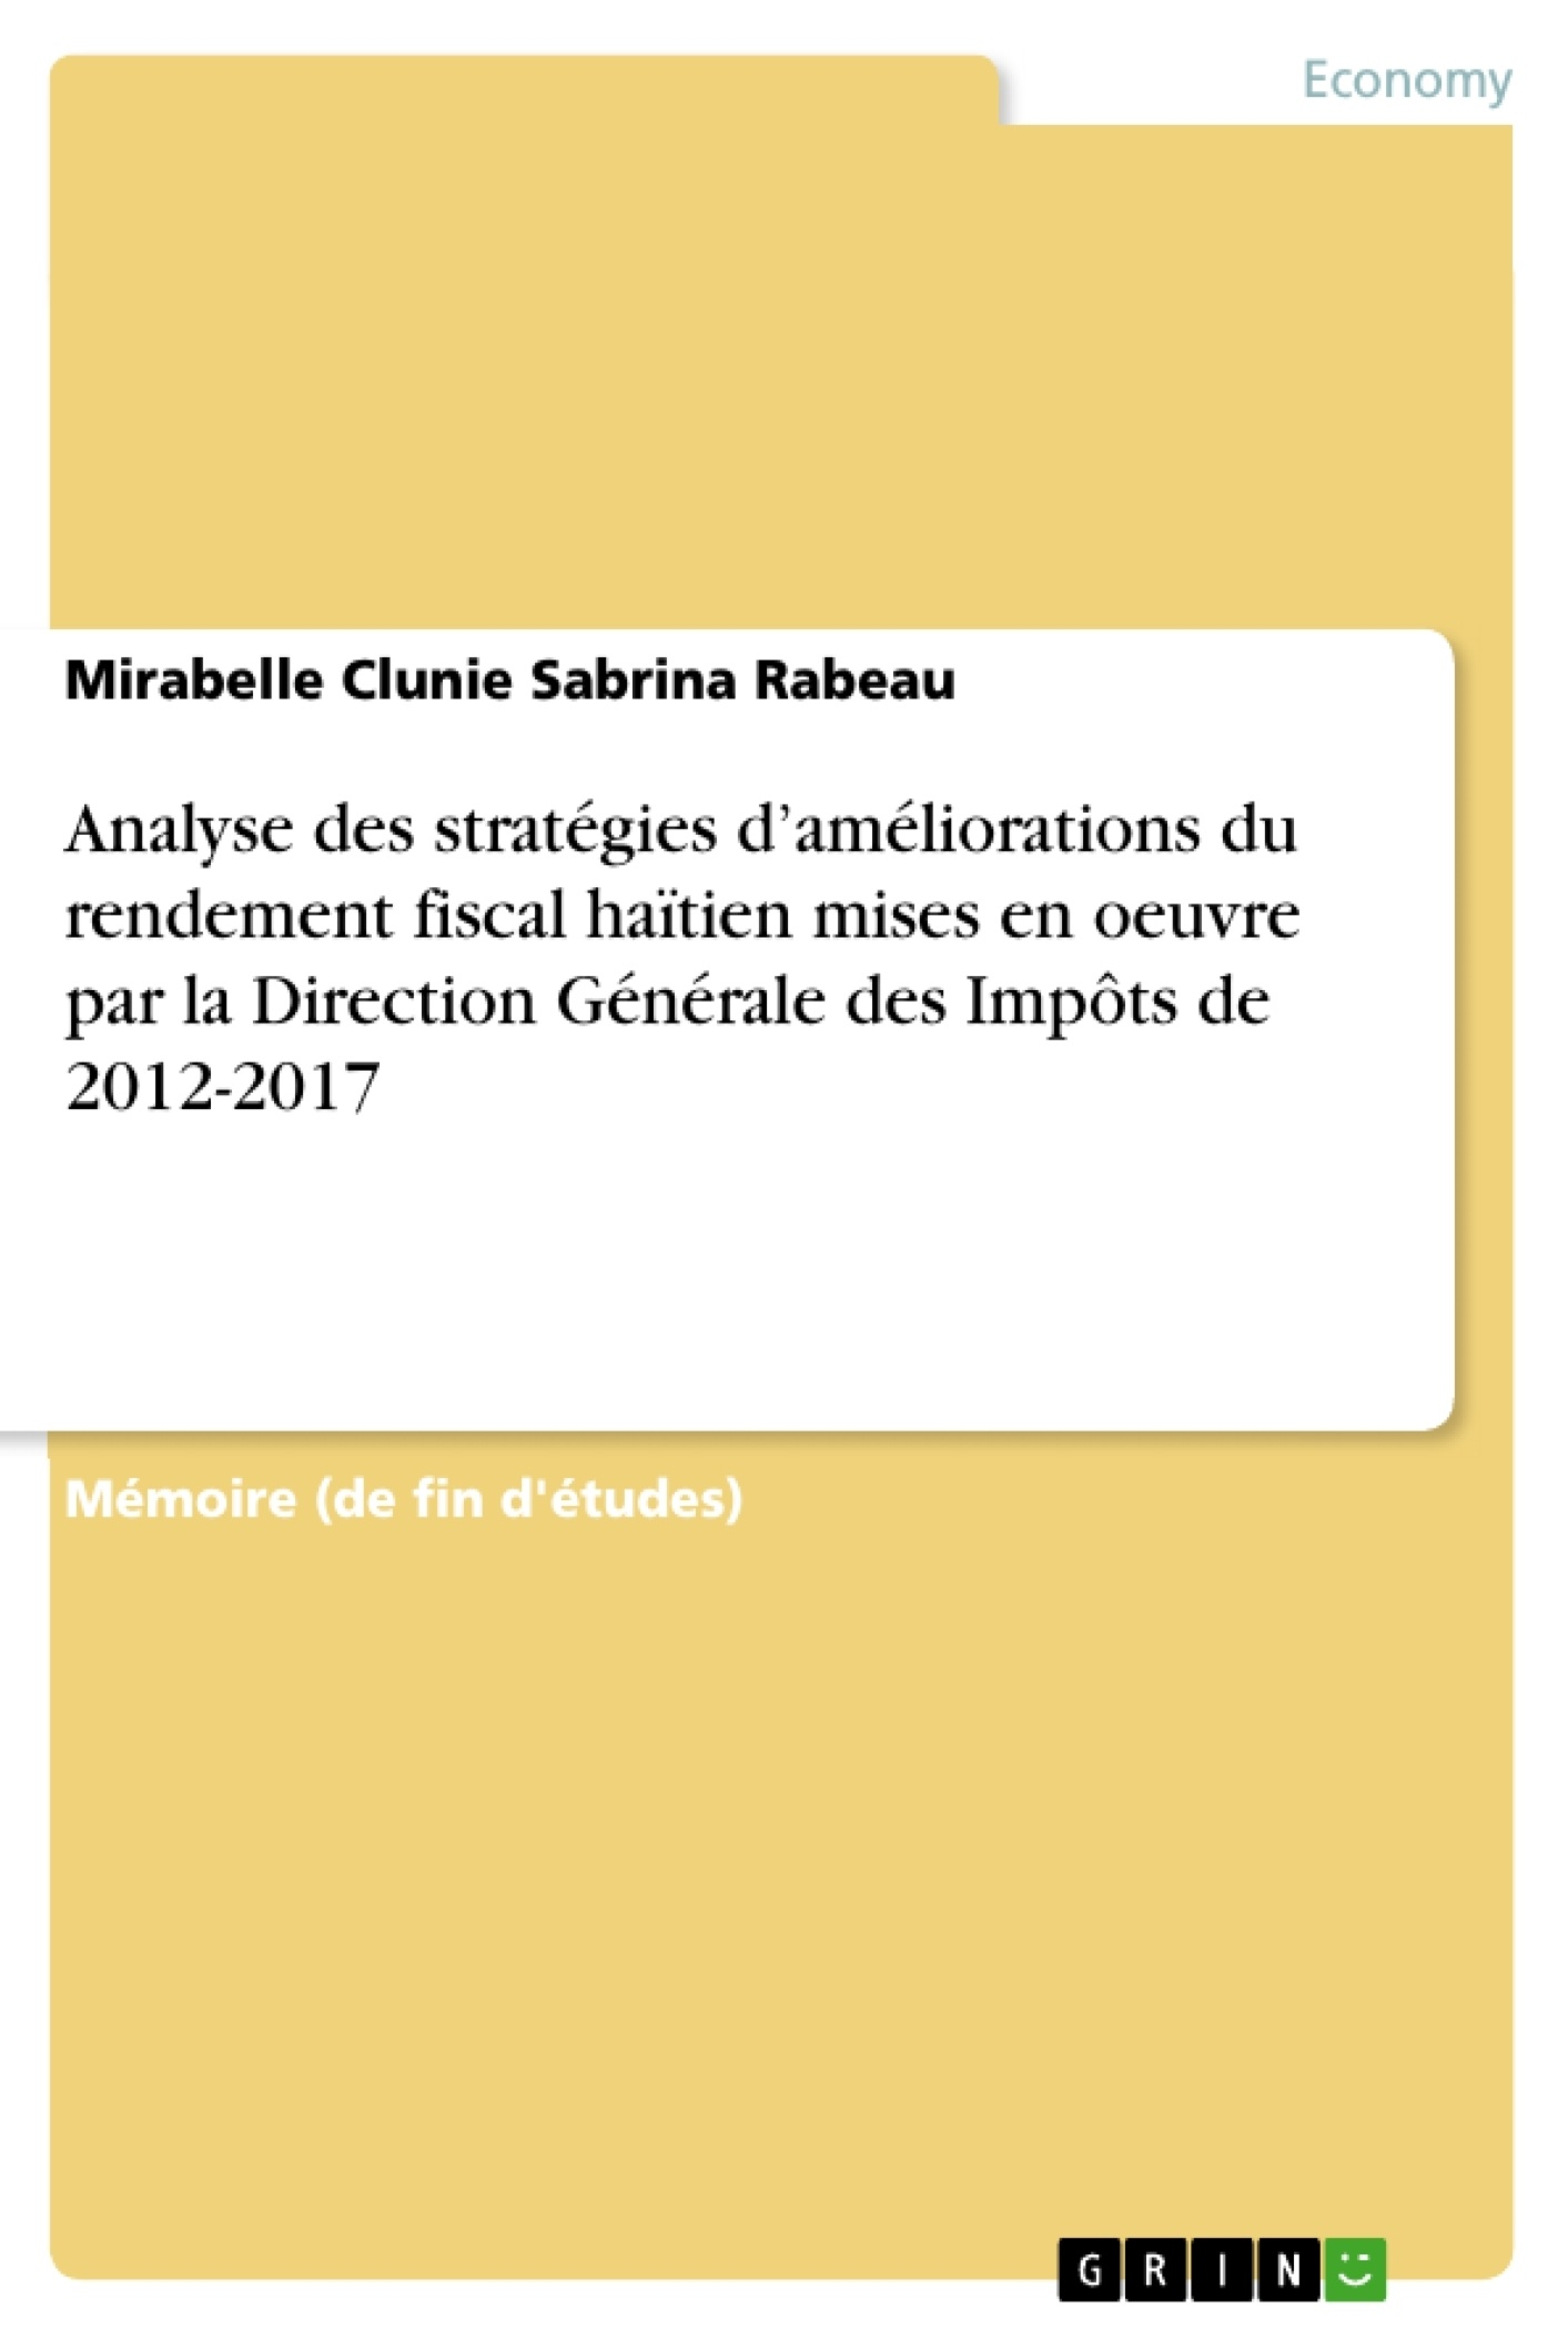 Titre: Analyse des stratégies d'améliorations du rendement fiscal haïtien mises en oeuvre par la Direction Générale des Impôts de 2012-2017